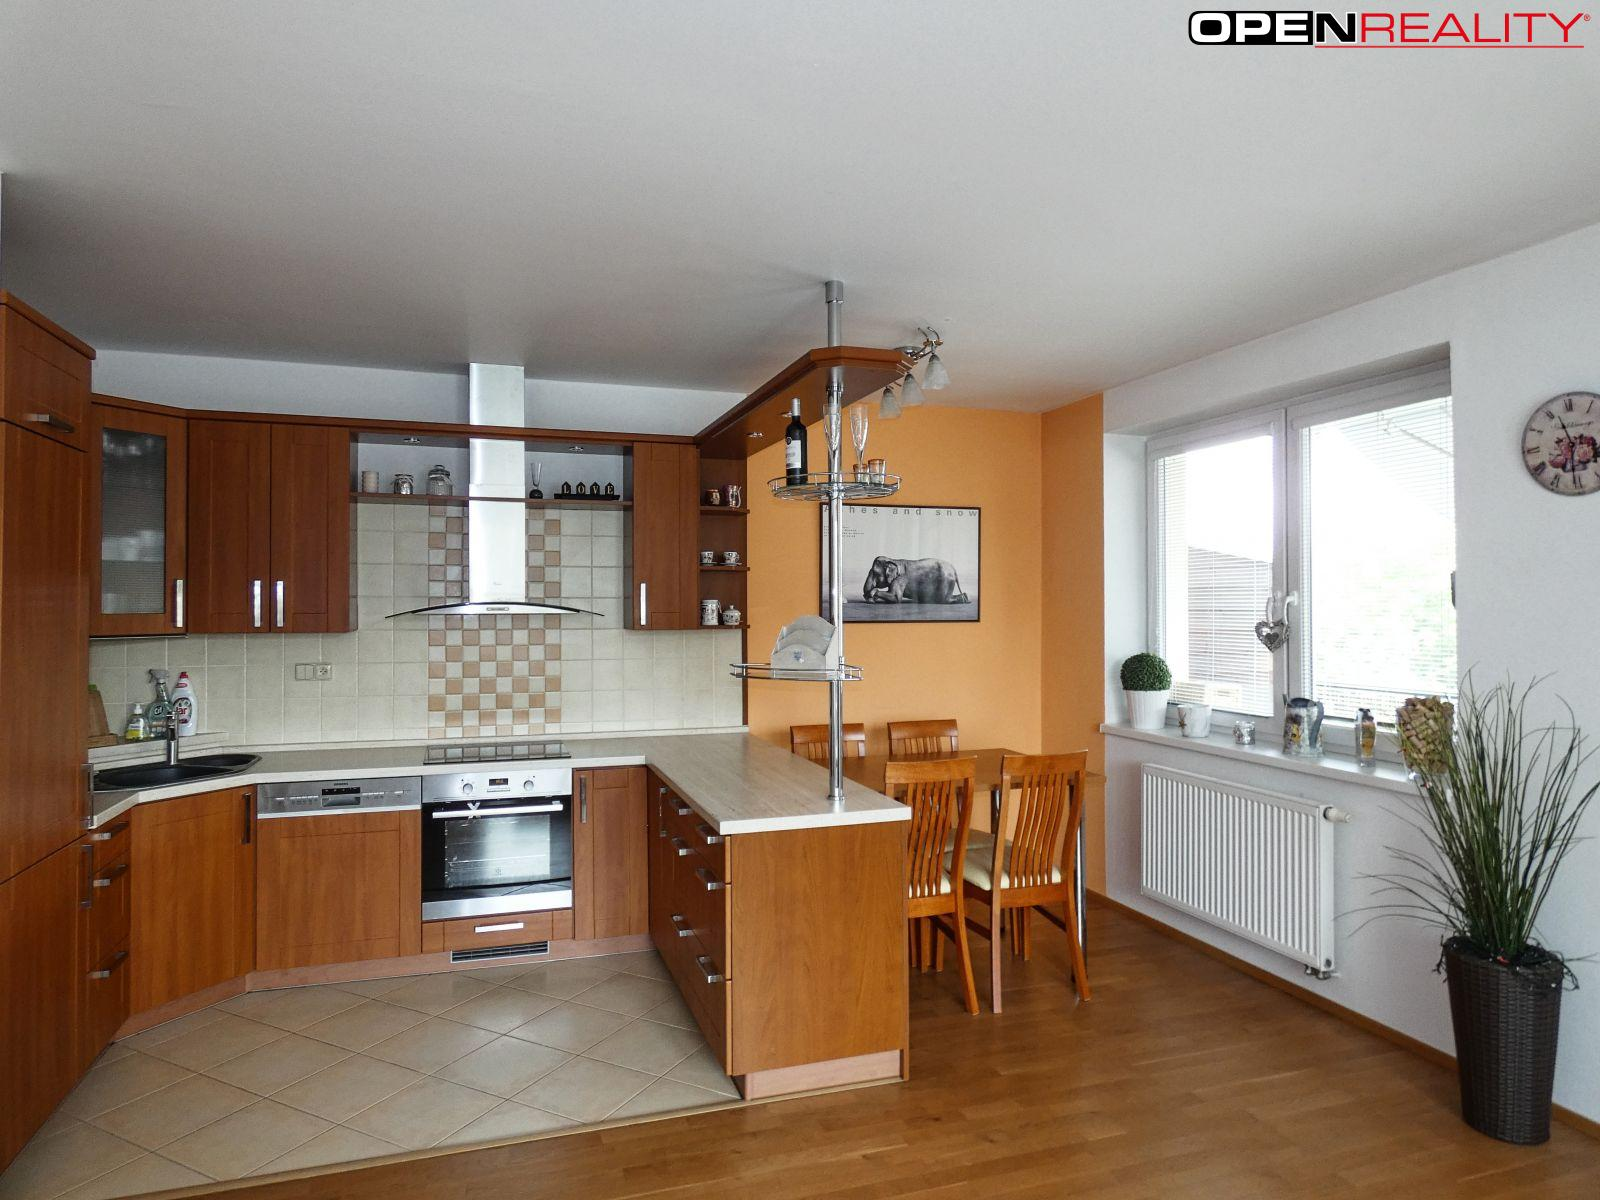 Pronájem bytu 4+kk98m Seifertova, Přerov